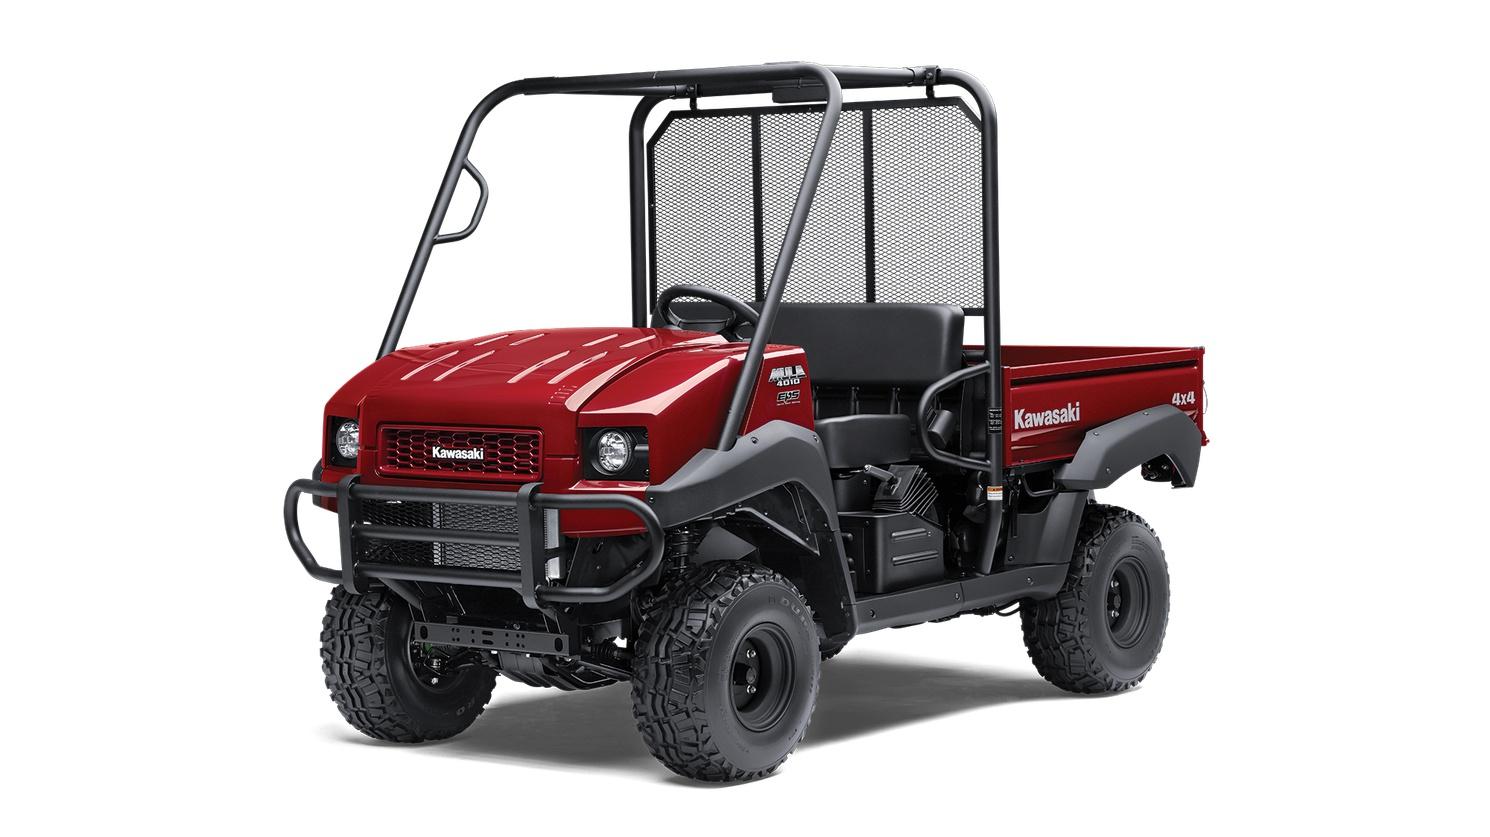 2020 Kawasaki MULE 4010 4×4 Dark Royal Red